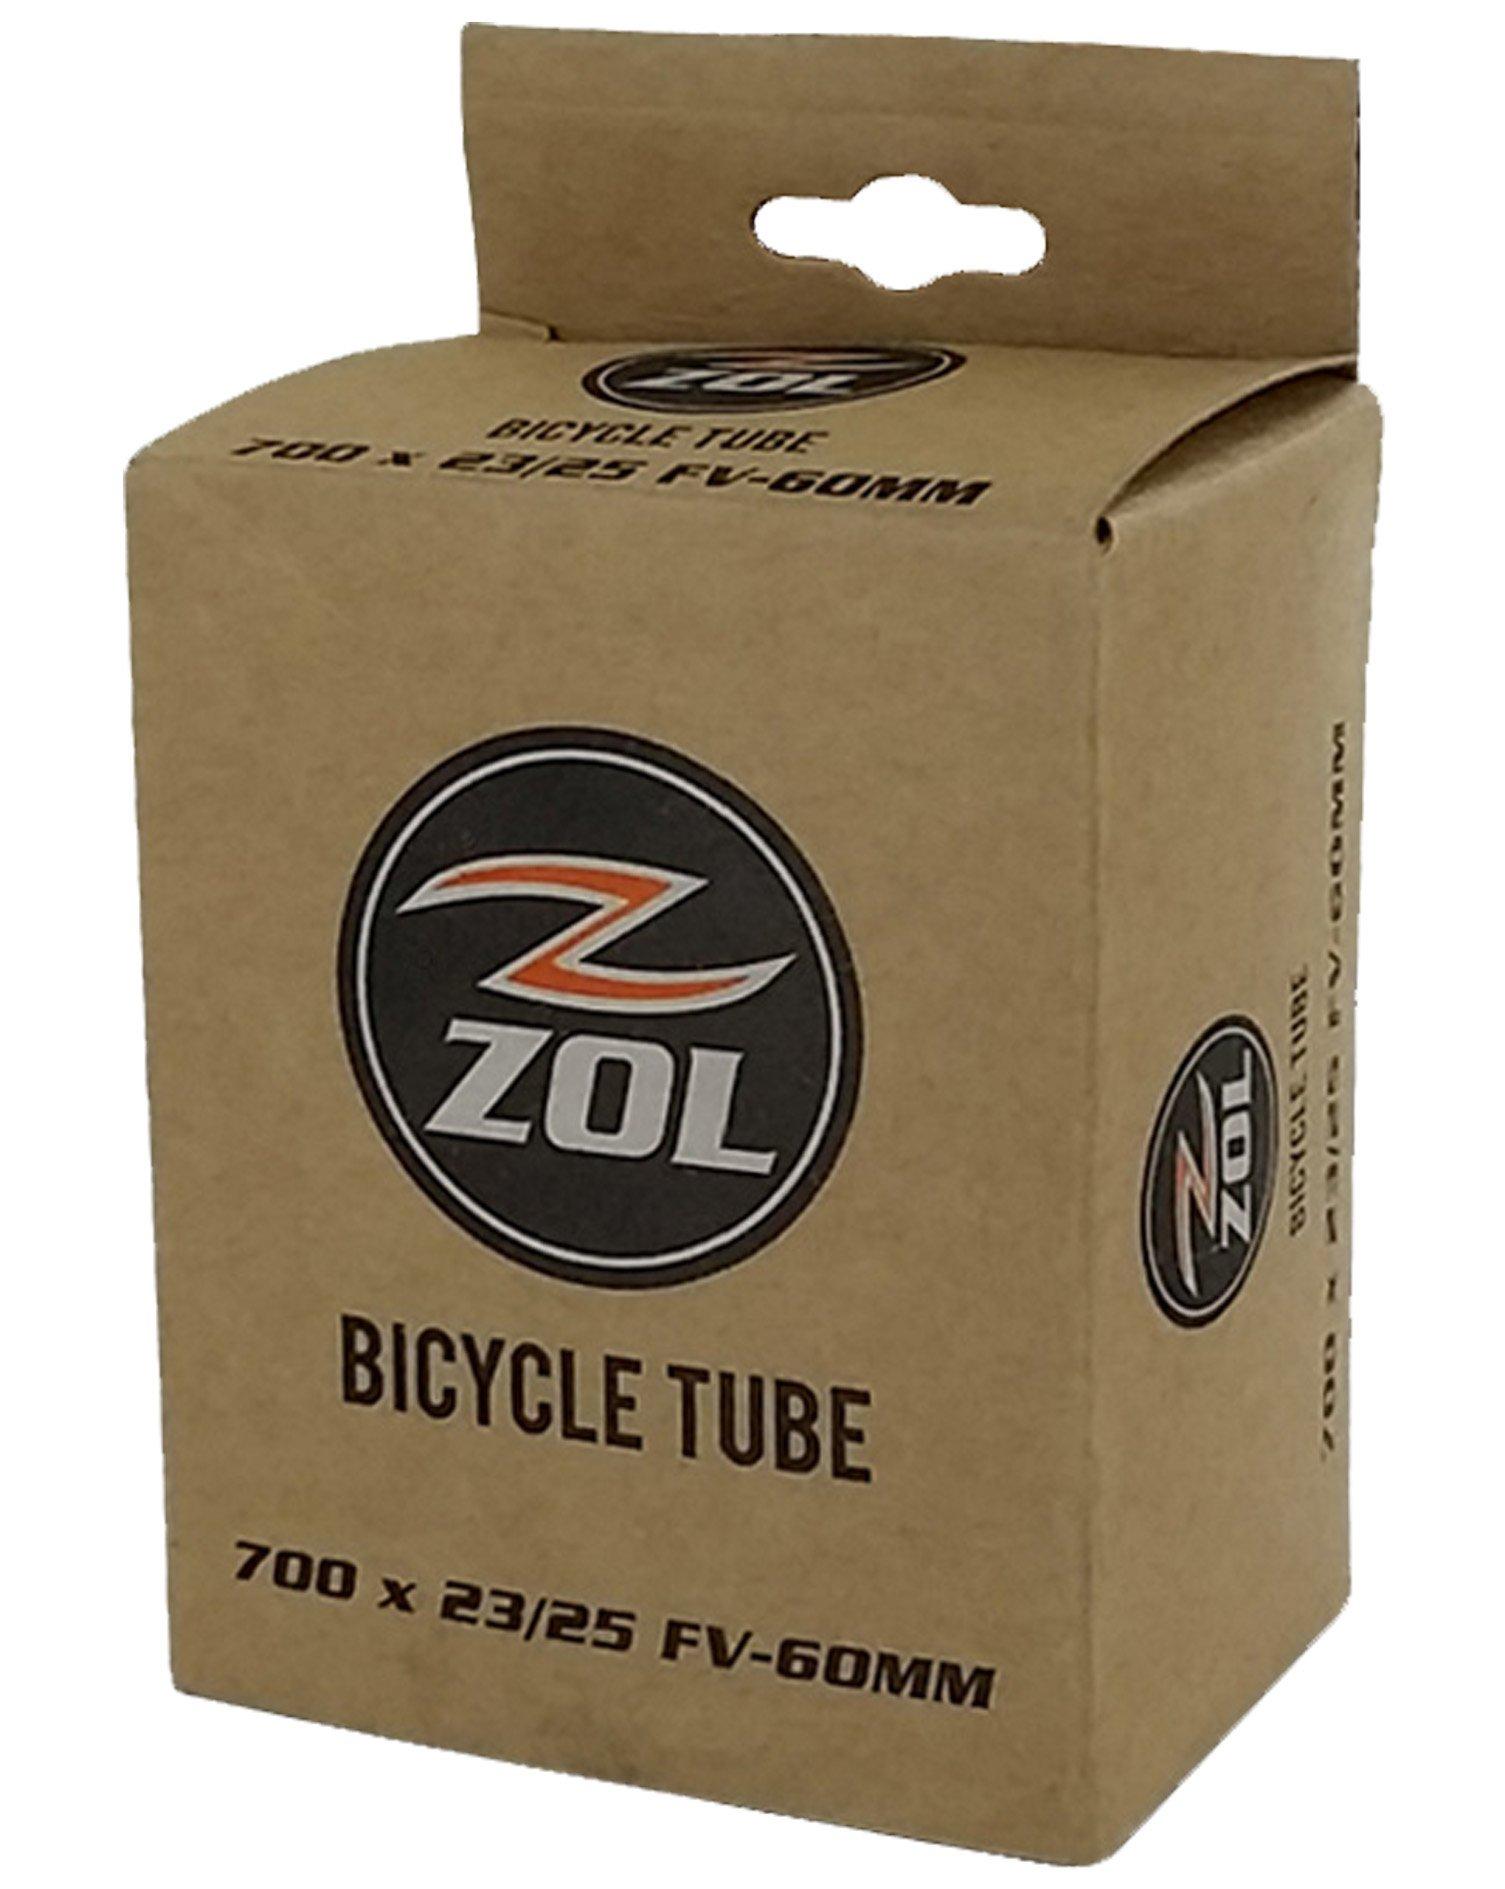 Zol Road Bicycle Bike Inner Tube 700x23/25C PRESTA/FRENCH Valve 60mm